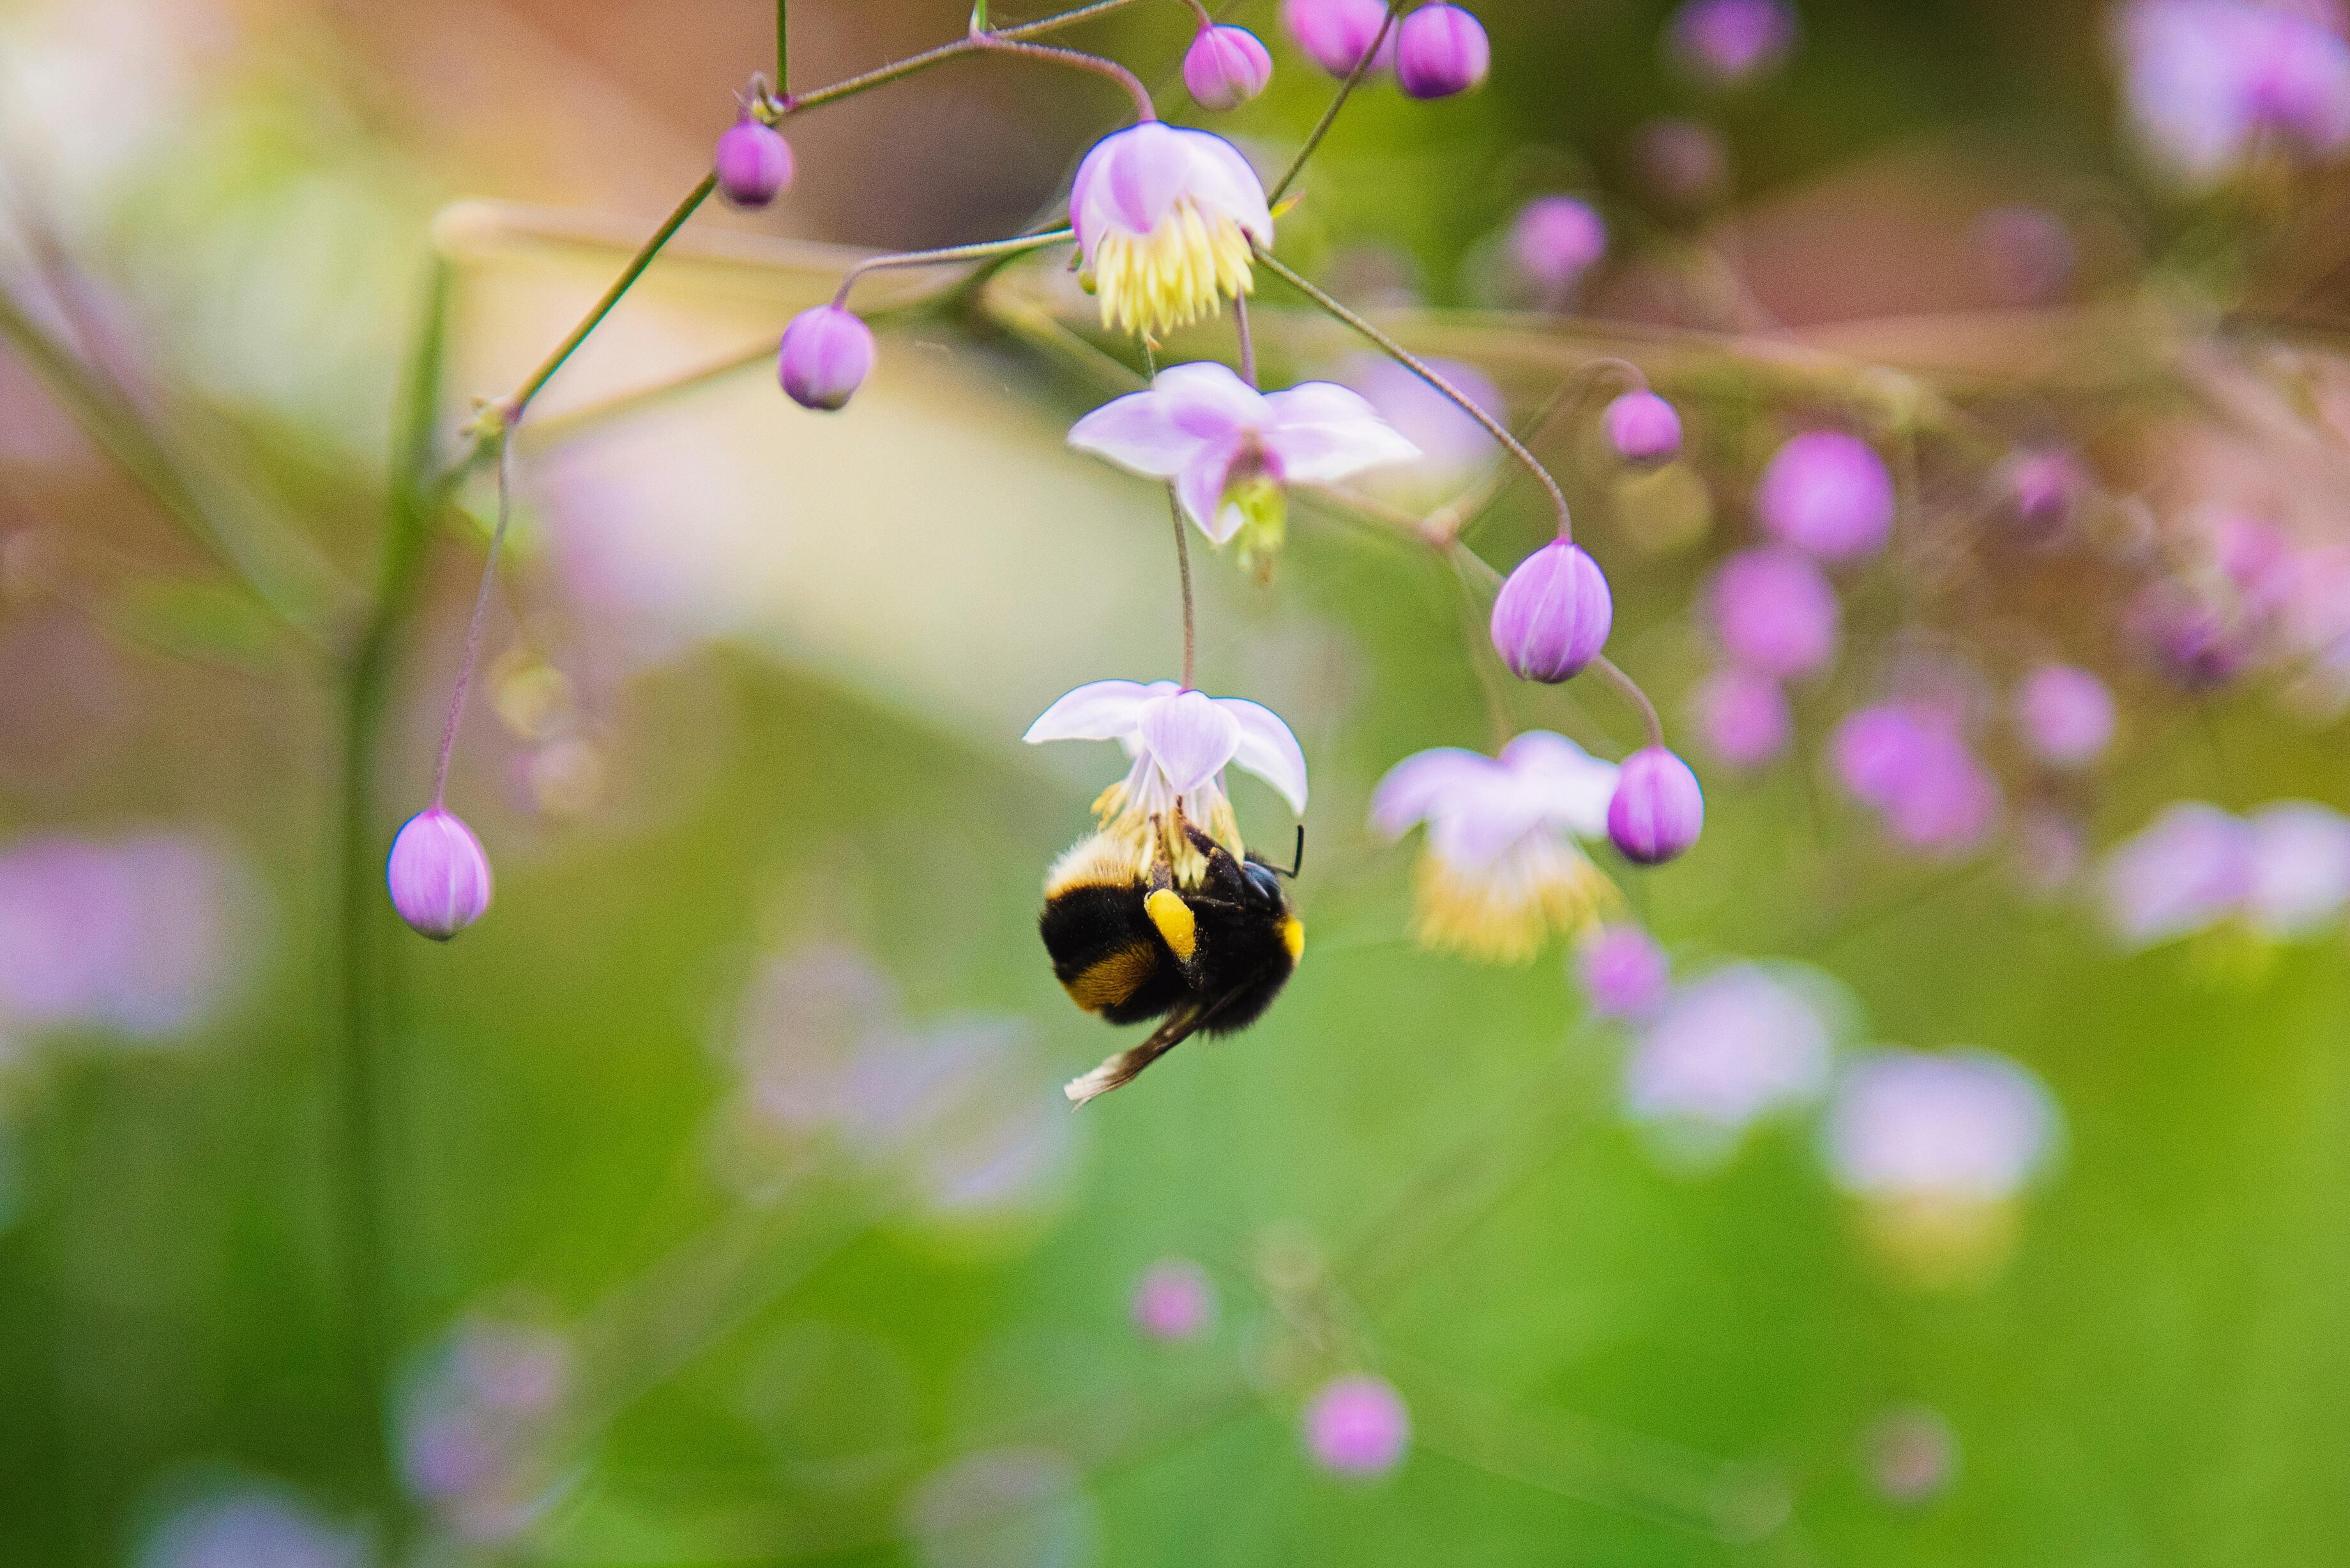 Hình ảnh con ong hút mật hoa